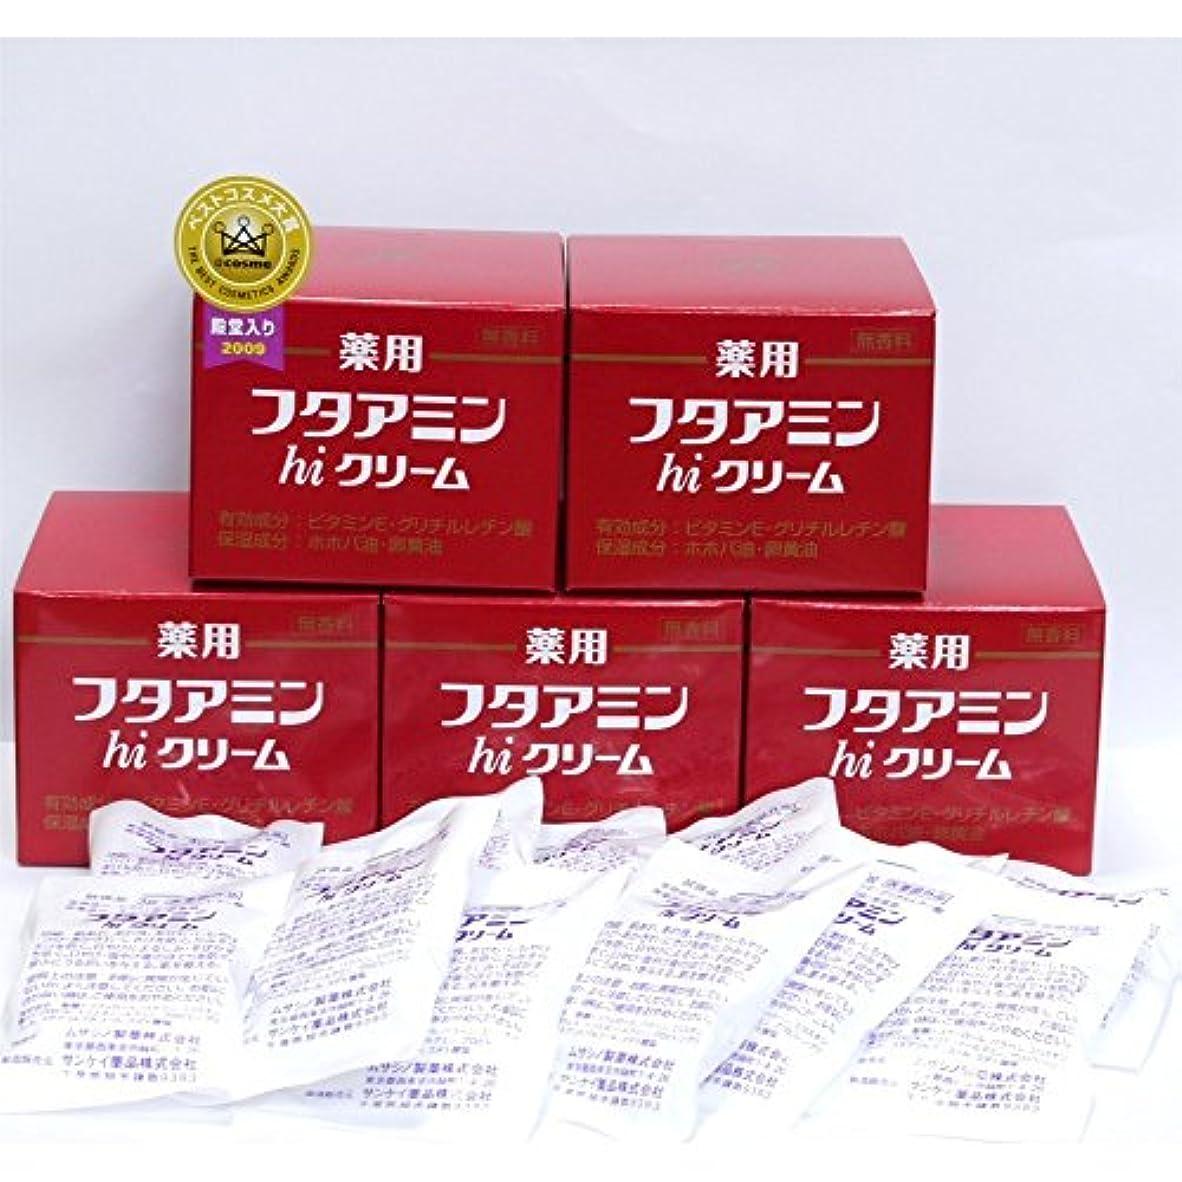 遅れ罪人オセアニア薬用 フタアミンhiクリーム 130g  5個セット 3gお試品×12個付